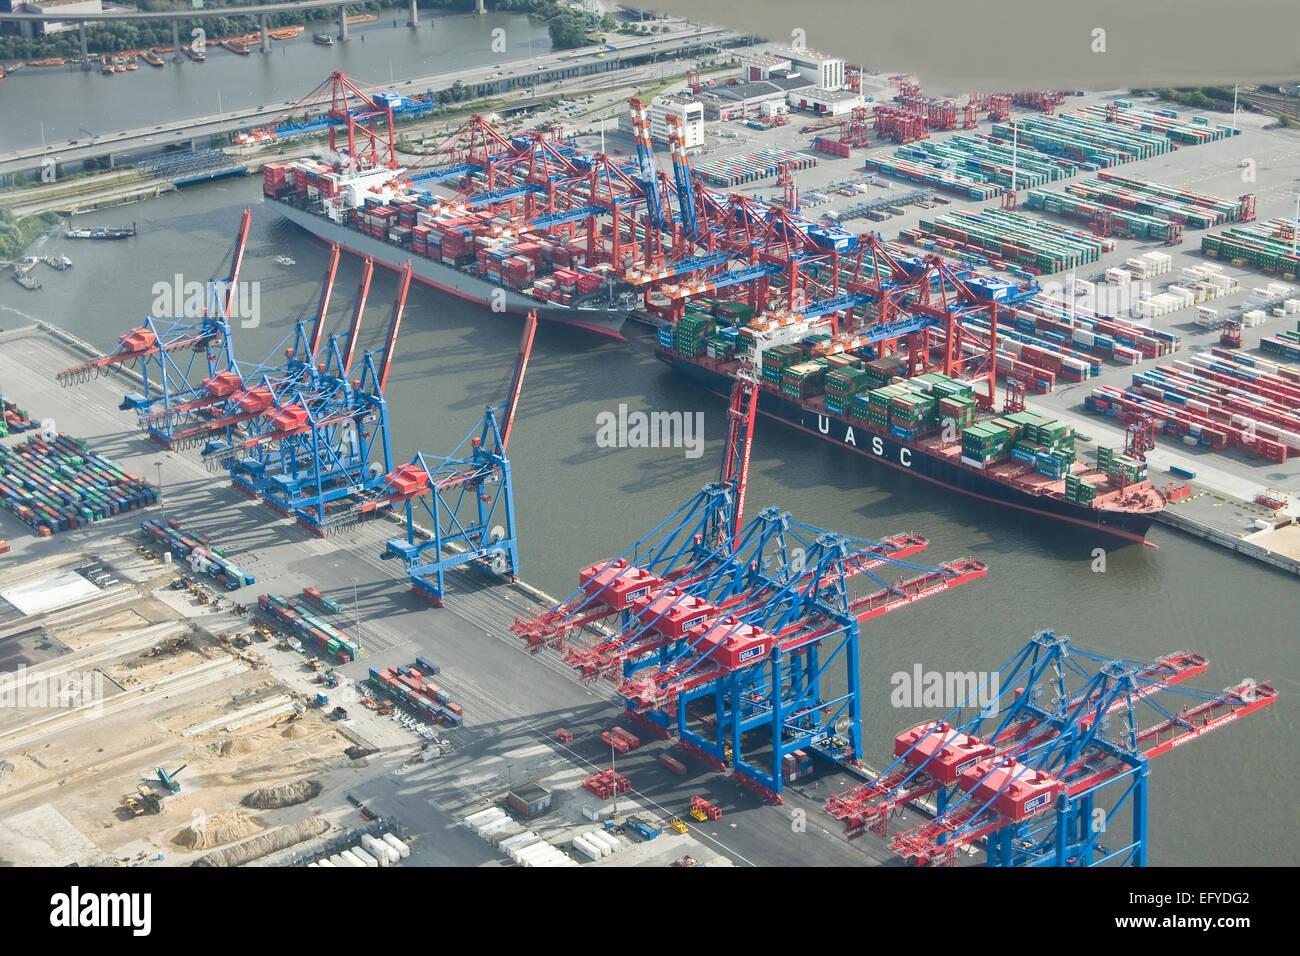 Aerial view, Port of Hamburg, Hamburg, Germany, Stock Photo